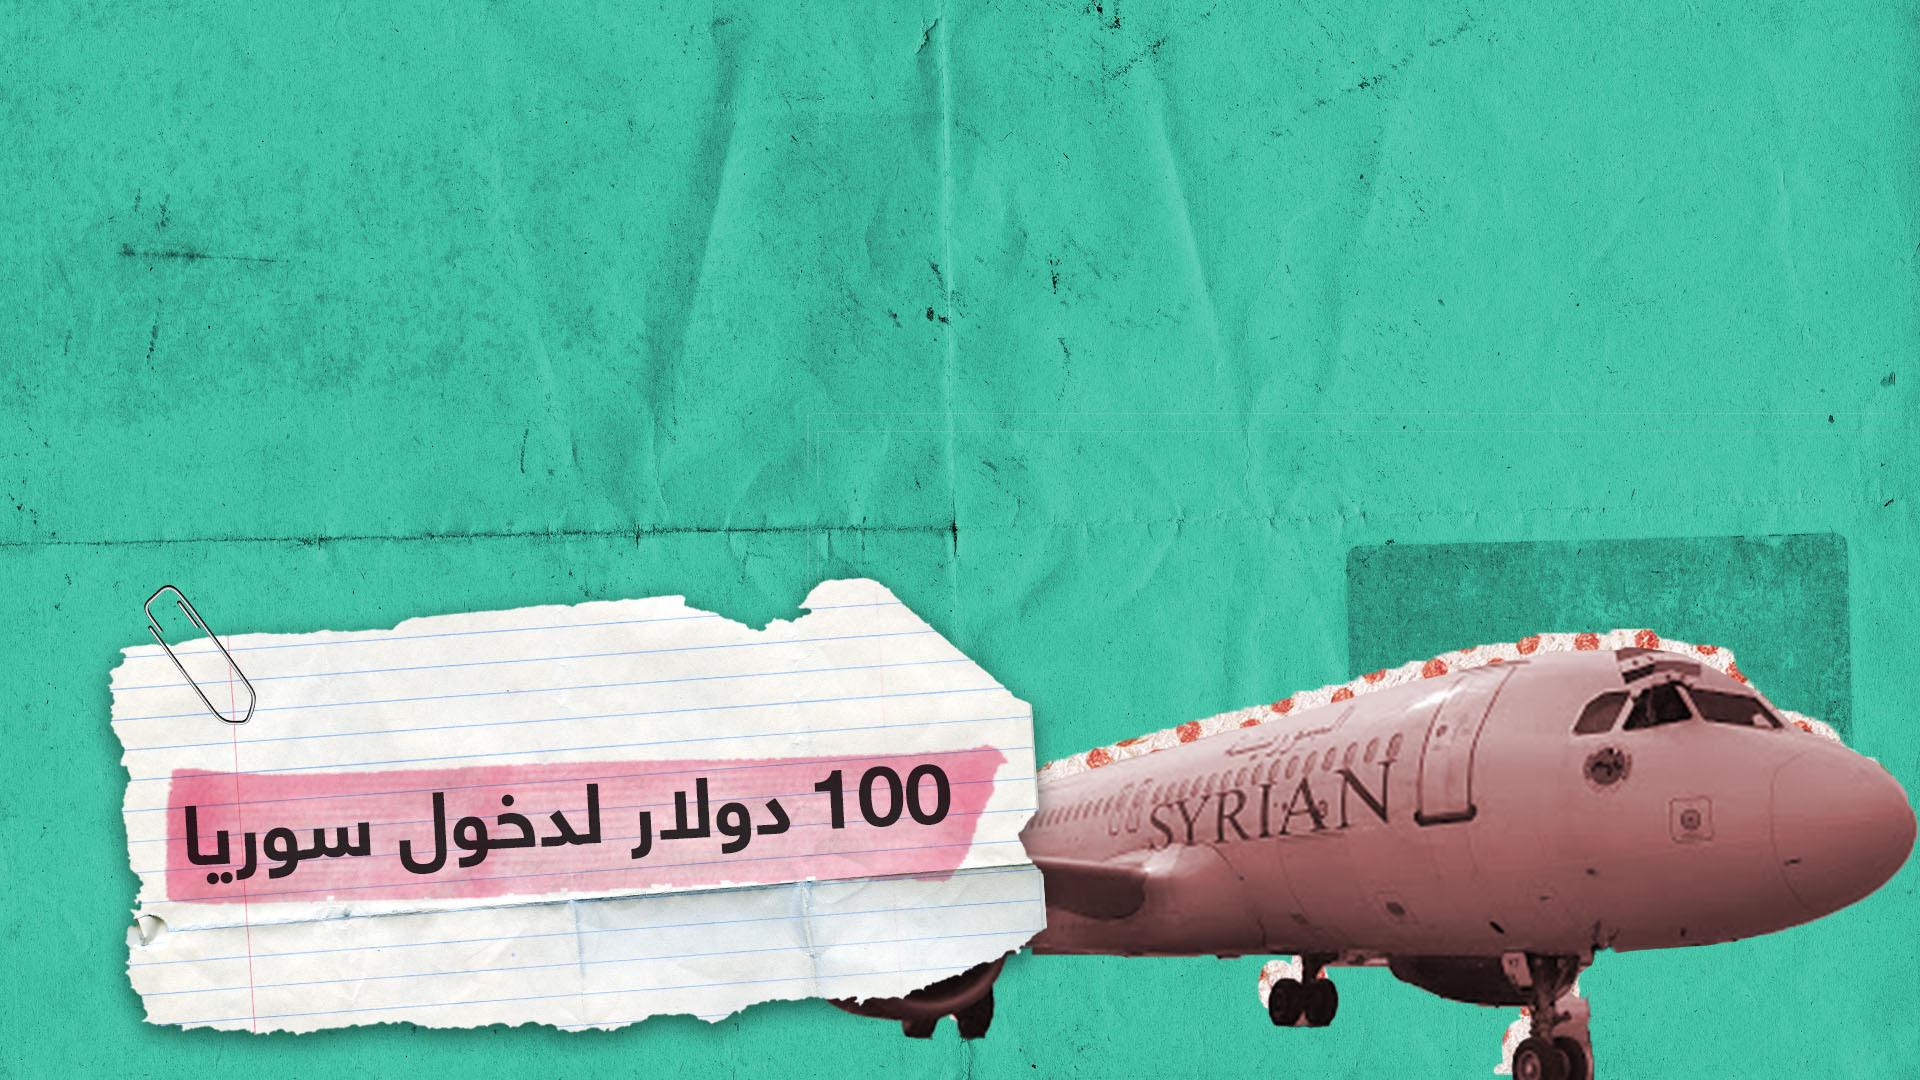 تصريف 100 دولار لدخول البلاد.. قرار سوري يثير استياء المغتربين